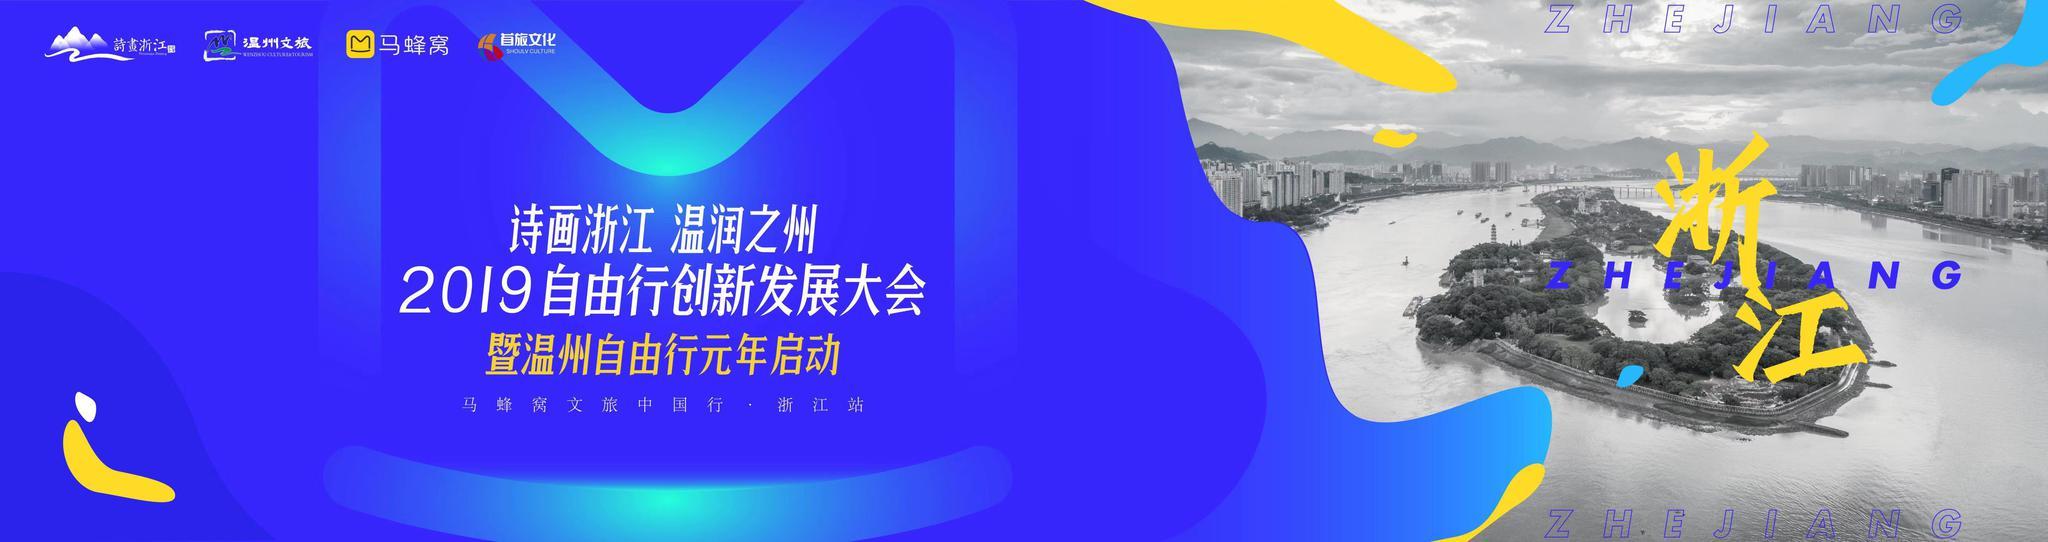 开启浙江文旅新纪元,2019自由行创新发展大会将在温州举行